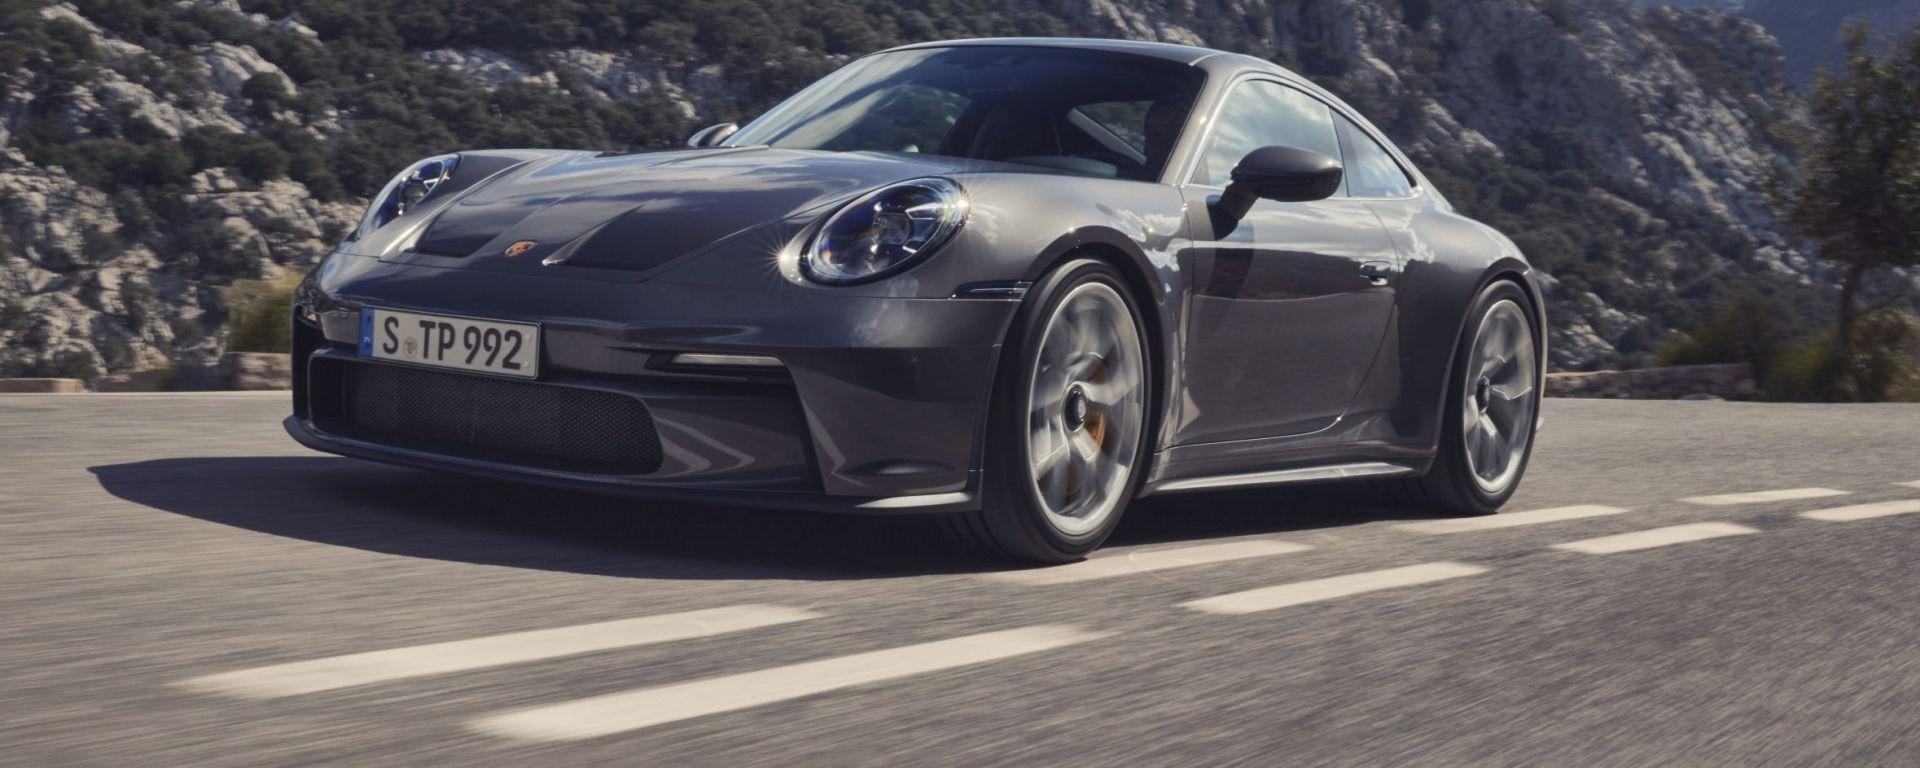 Porsche 911 GT3 Touring: visuale di 3/4 anteriore